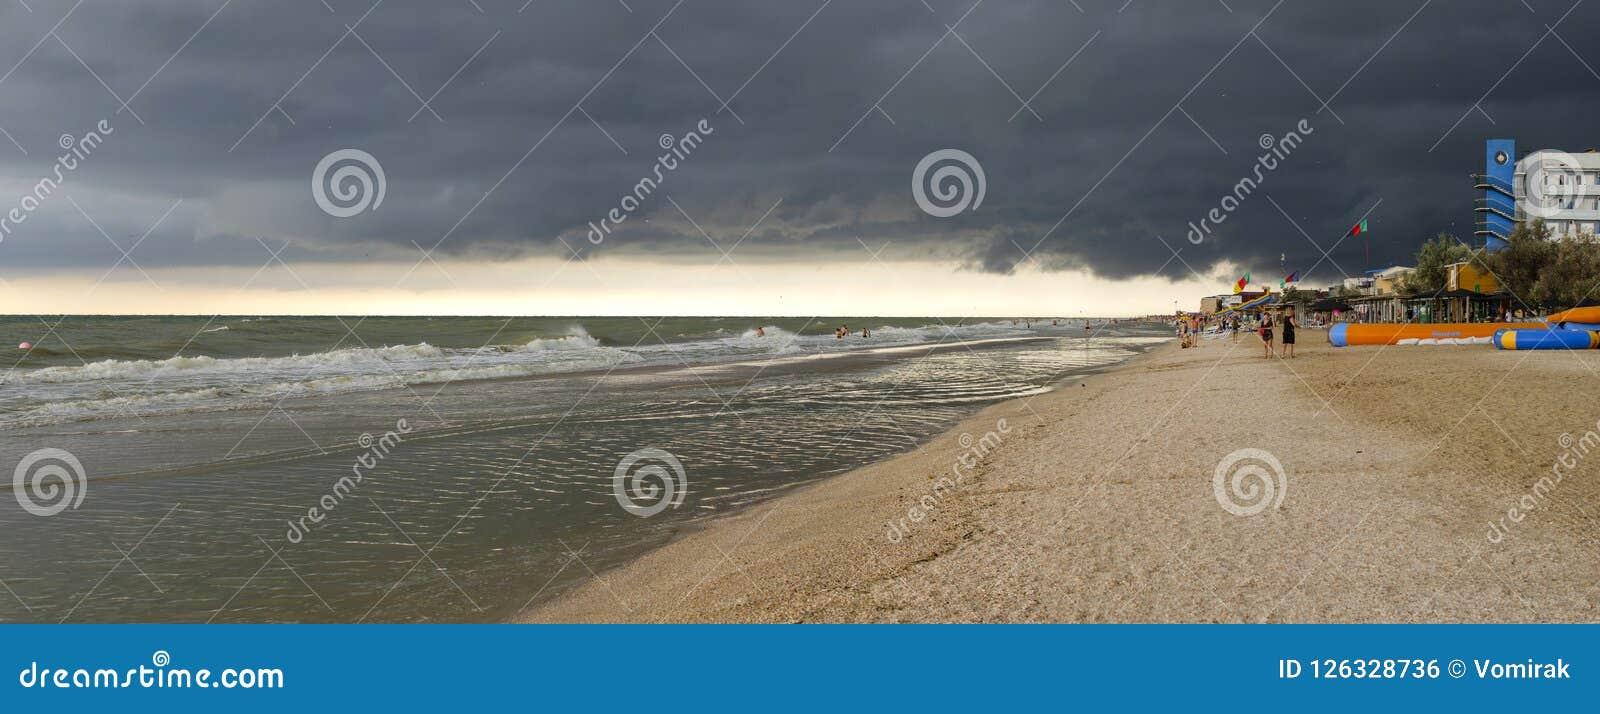 Ukraine, Kirillovka, Kosa Peresyp, July 25, 2018. Thunderclouds before the heavy rain on the coast of the Sea of Azov